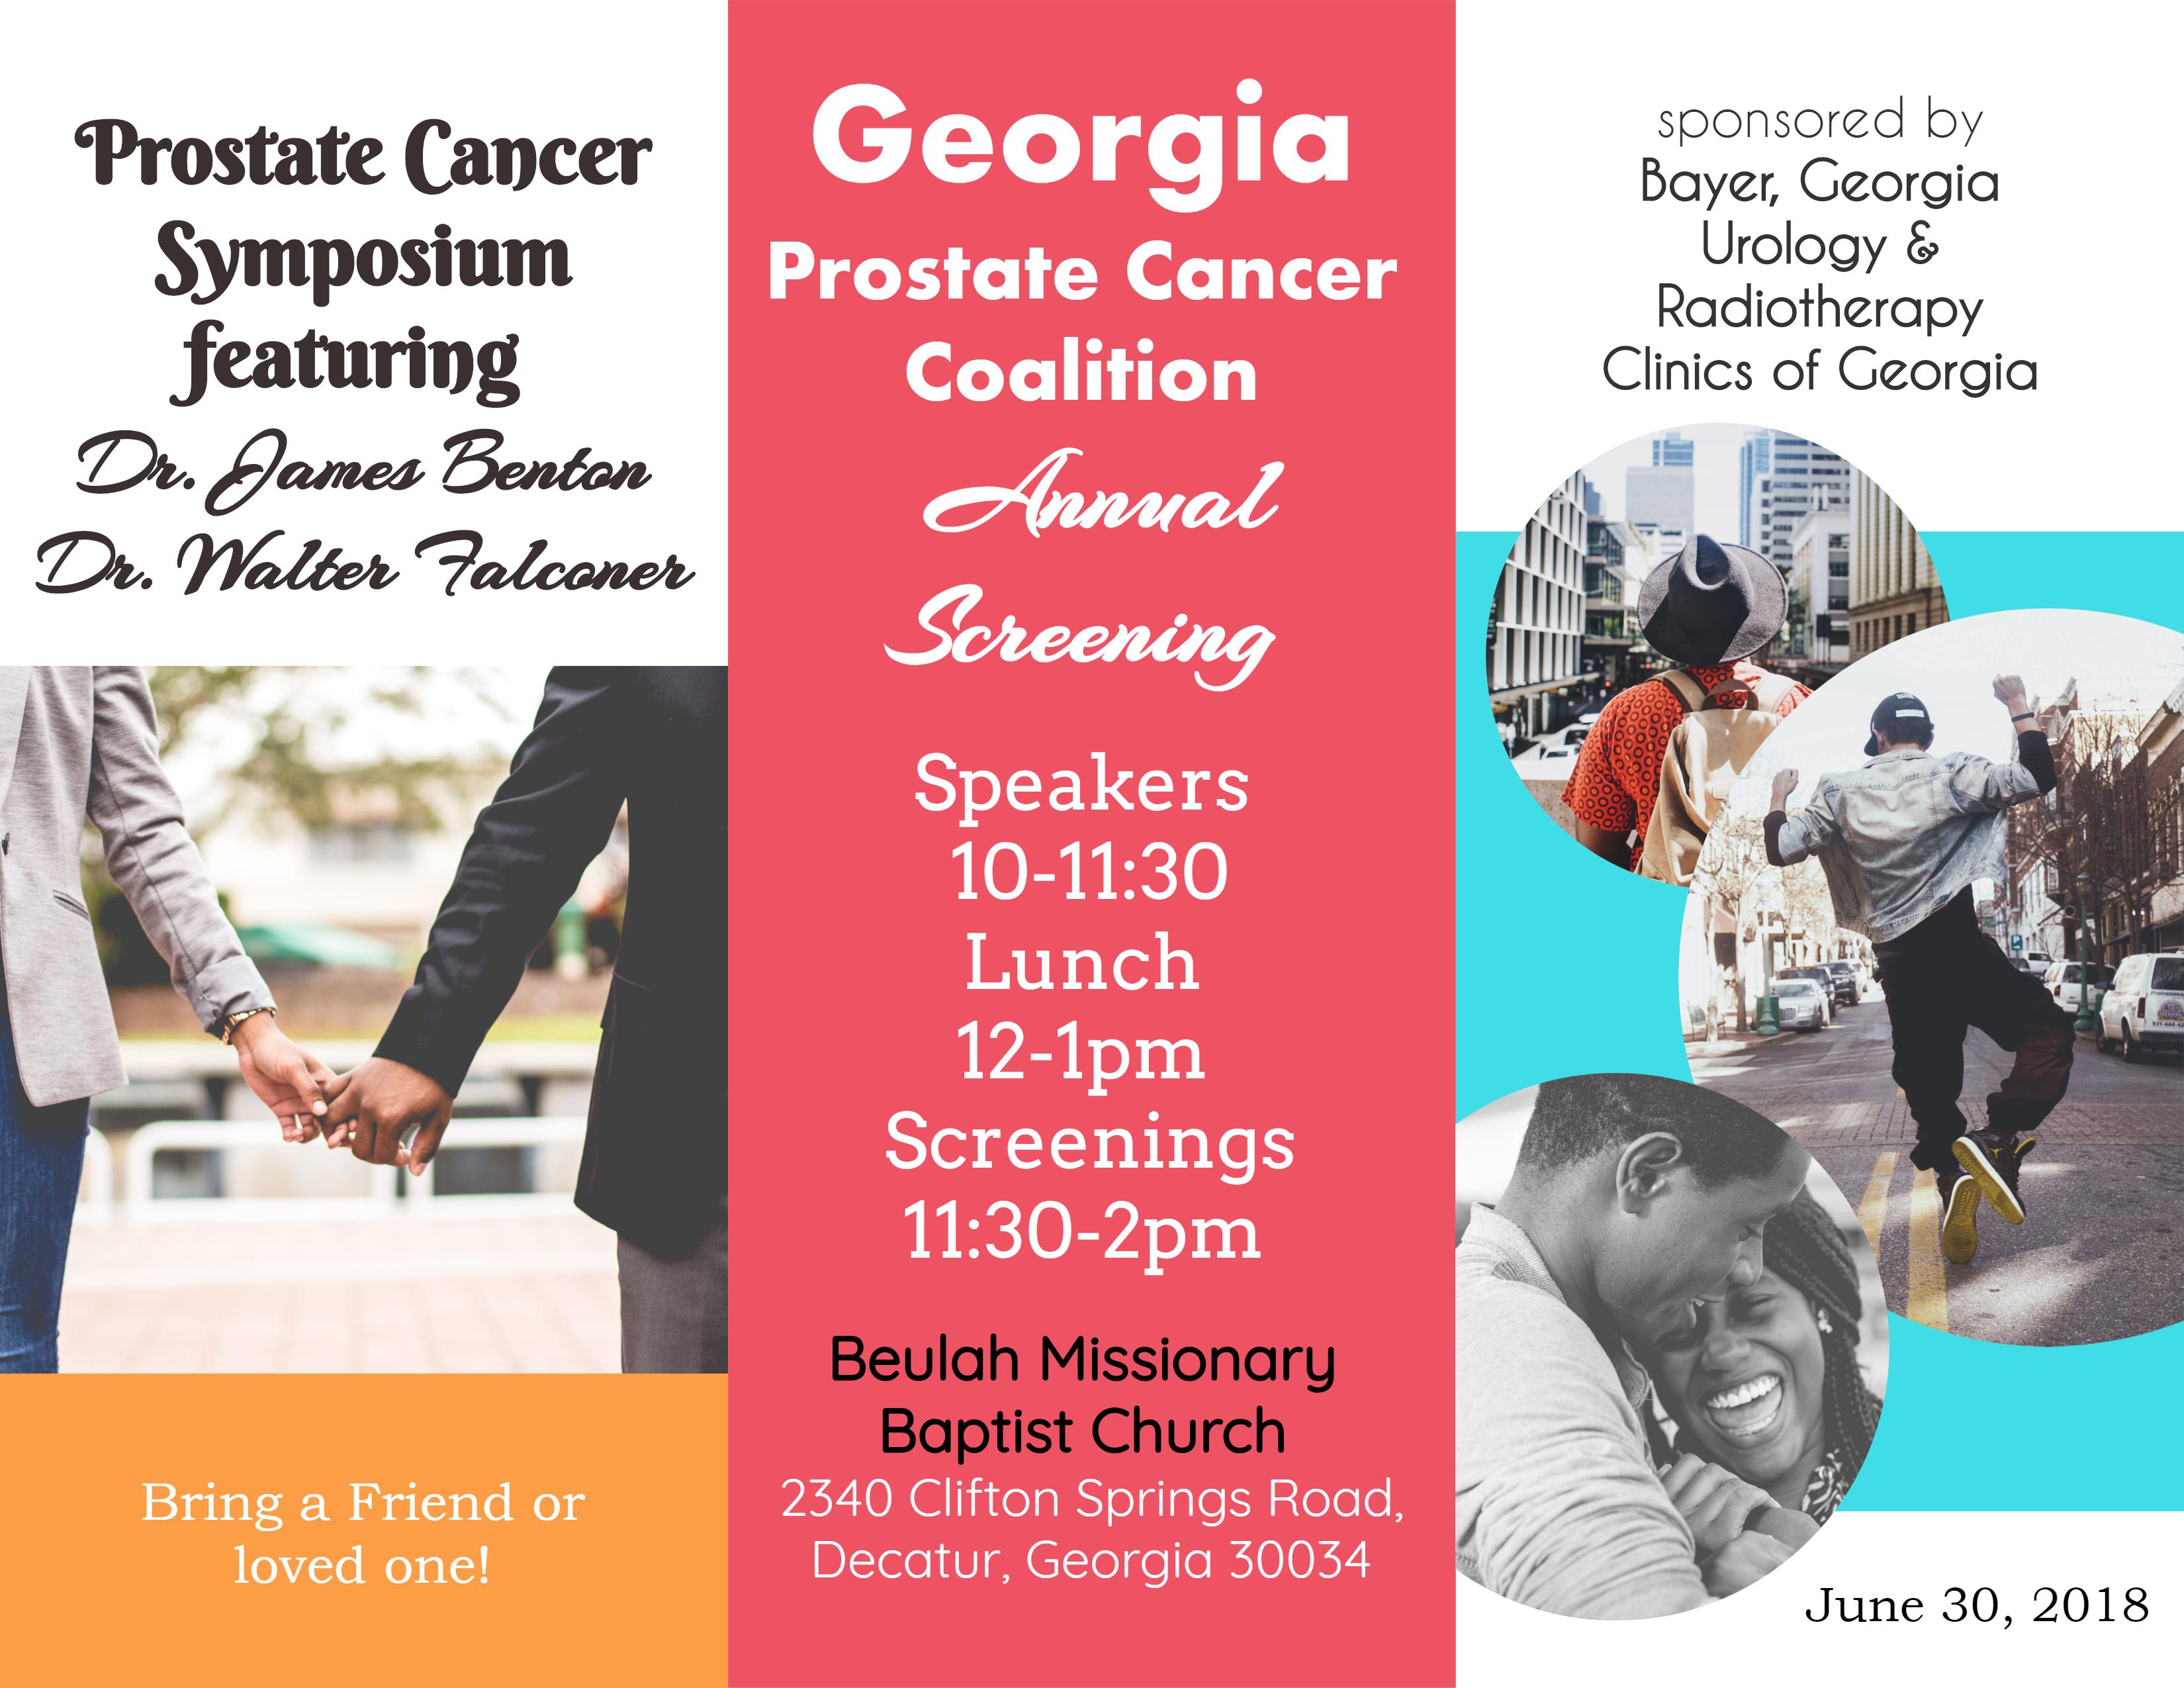 Georgia Prostate Annual Screening